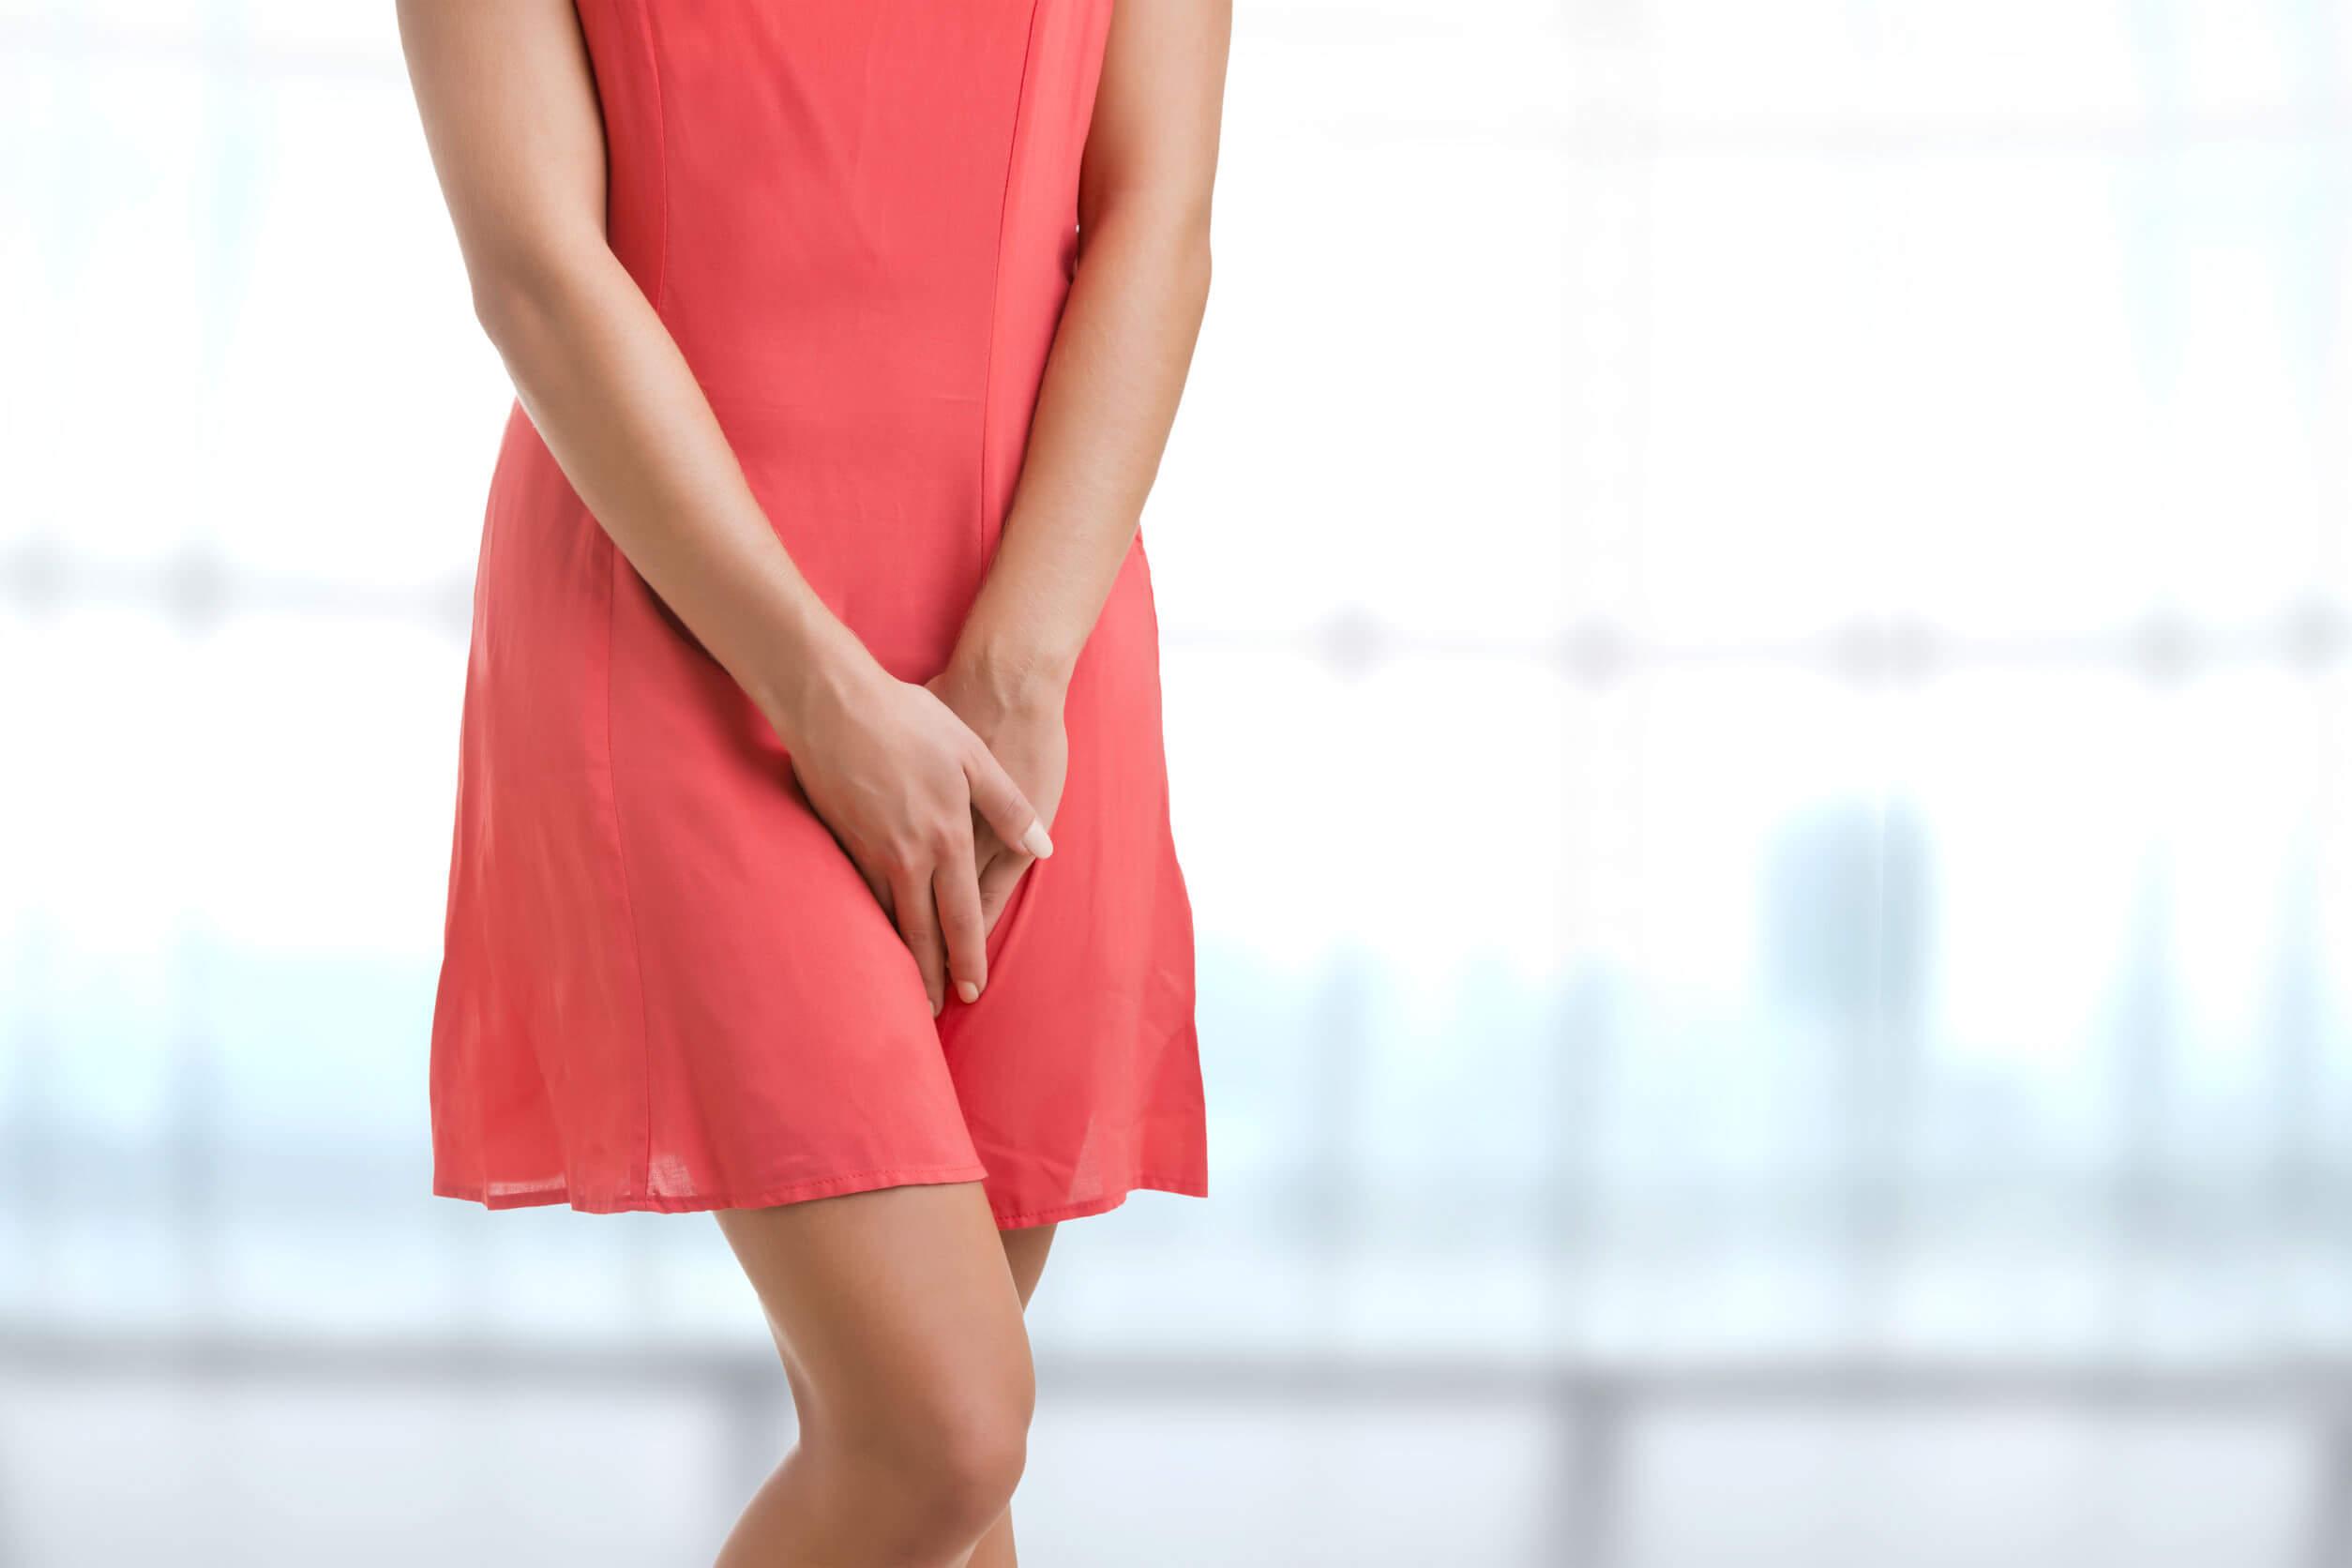 Al aguantar las ganas de orinar pueden producirse muchas consecuencias sobre la salud.